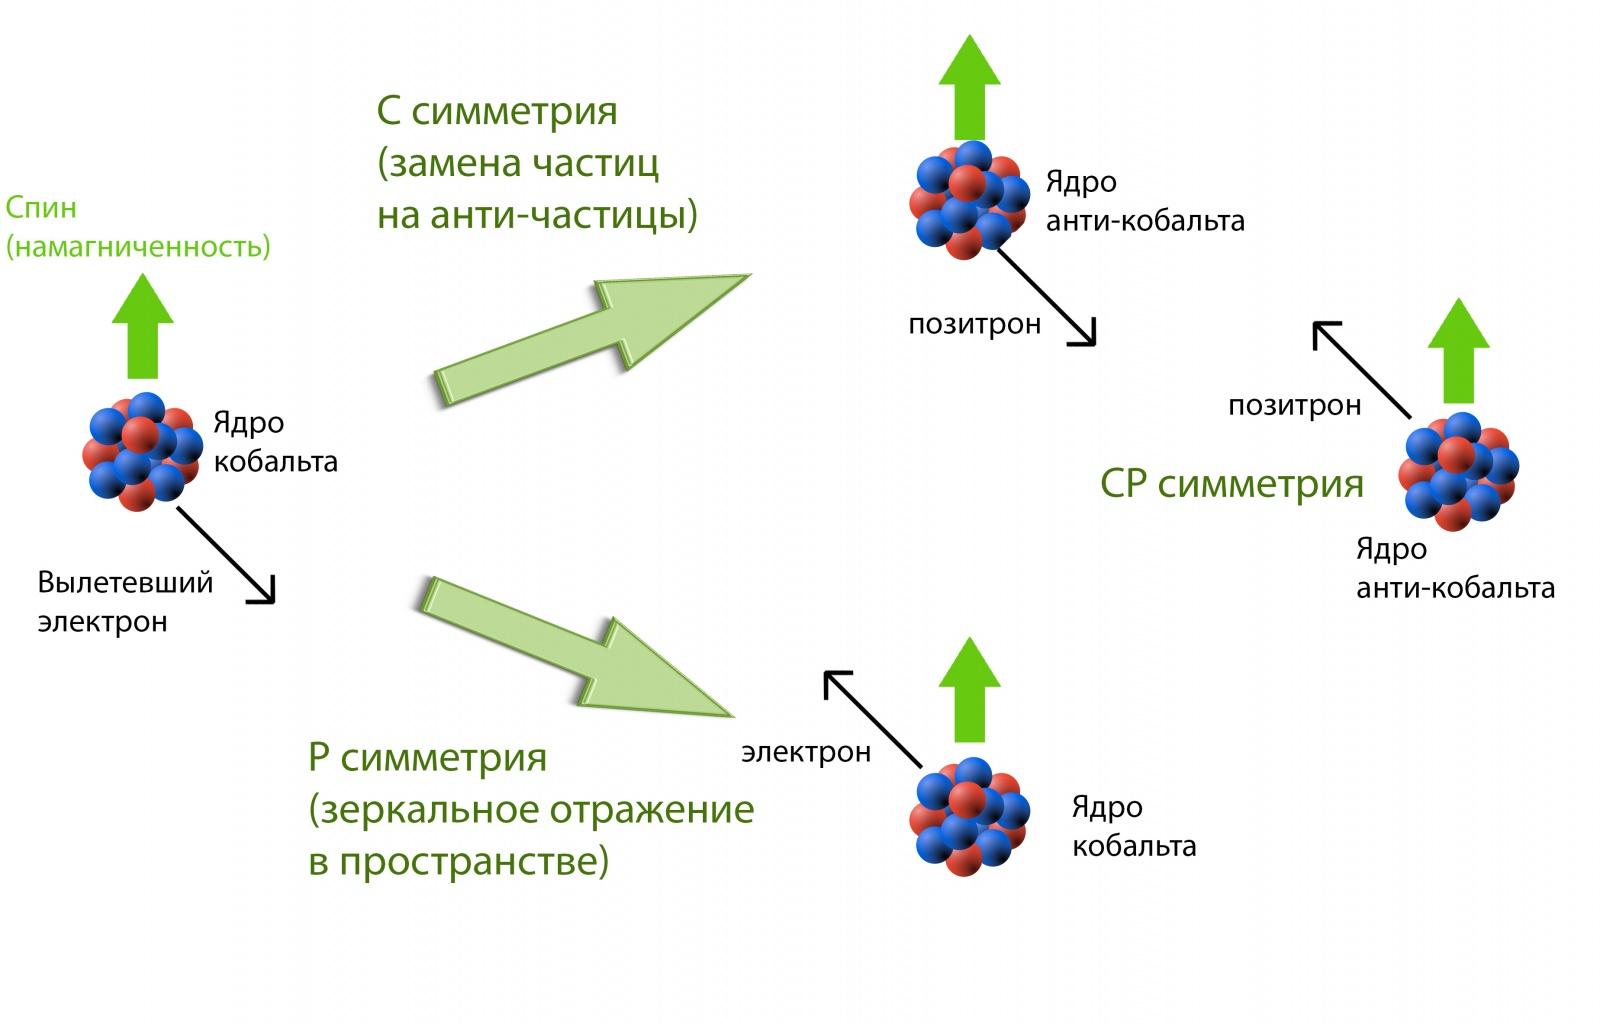 Частица нейтрино: определение, свойства, описание. осцилляции нейтрино - это...